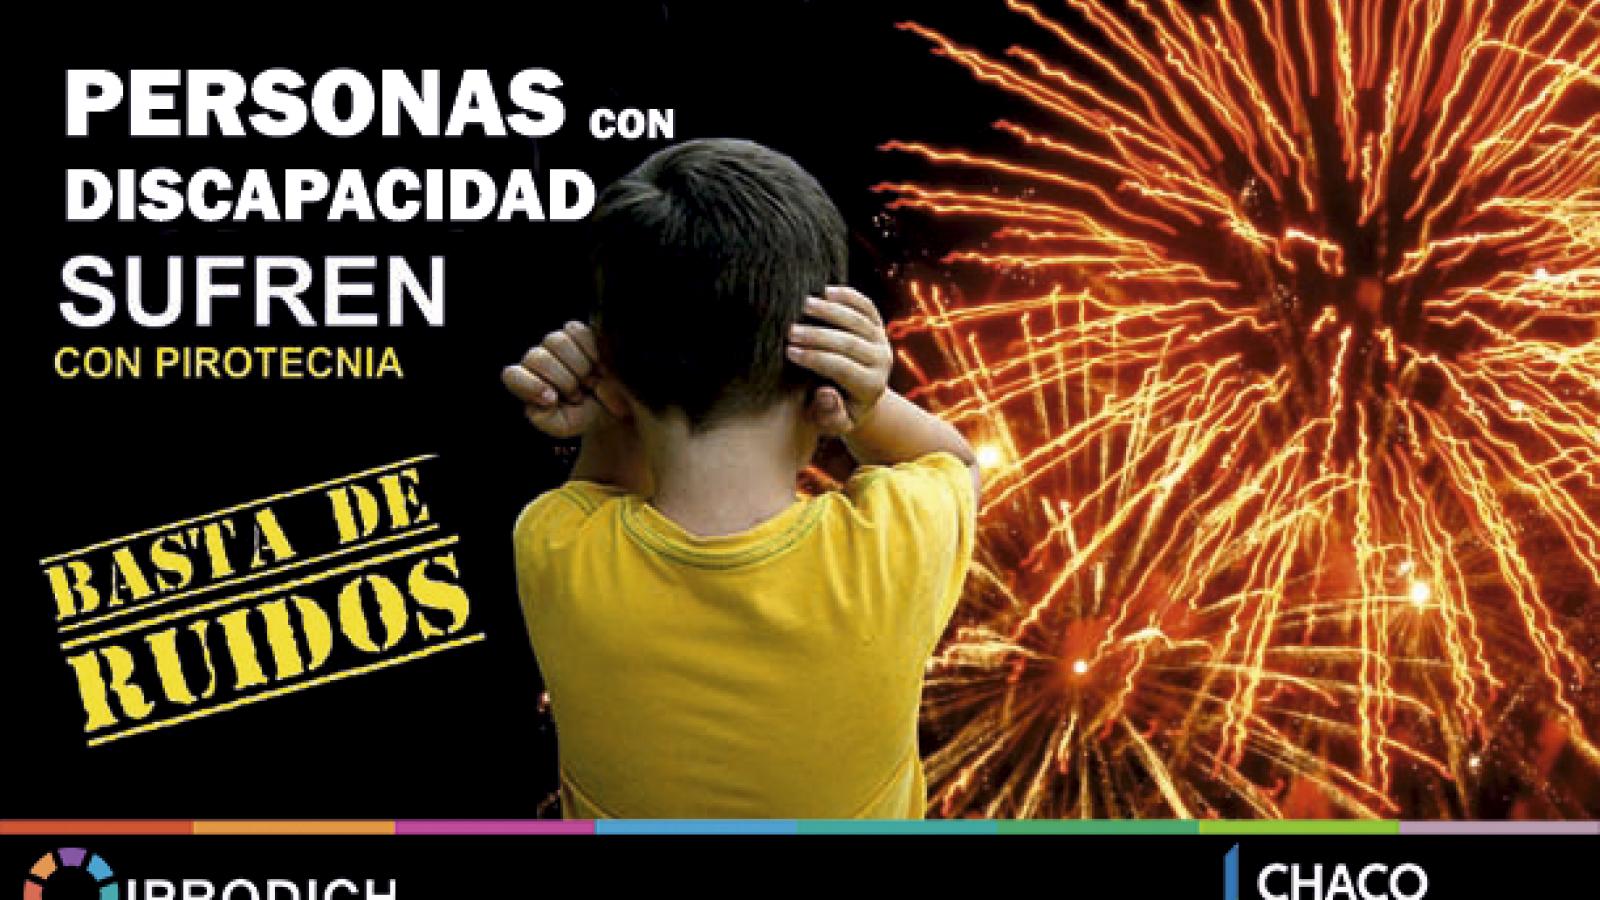 IPRODICH invita a celebrar las Fiestas sin pirotecnia para no afectar a personas con discapacidad